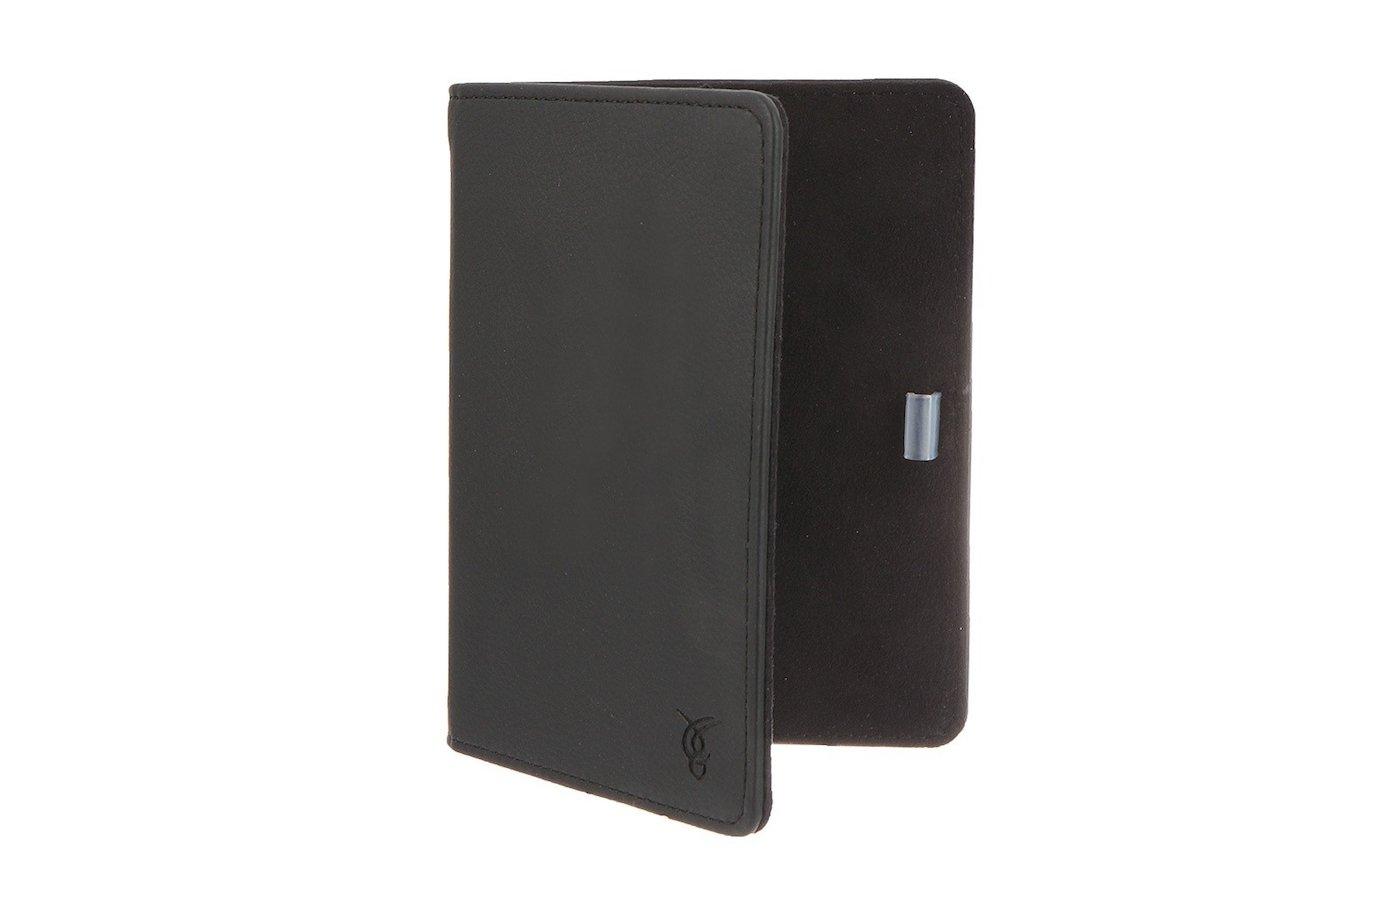 Чехол VIVACASE Basic для Reader Book 2 черный (VRD-B2BS01-bl)